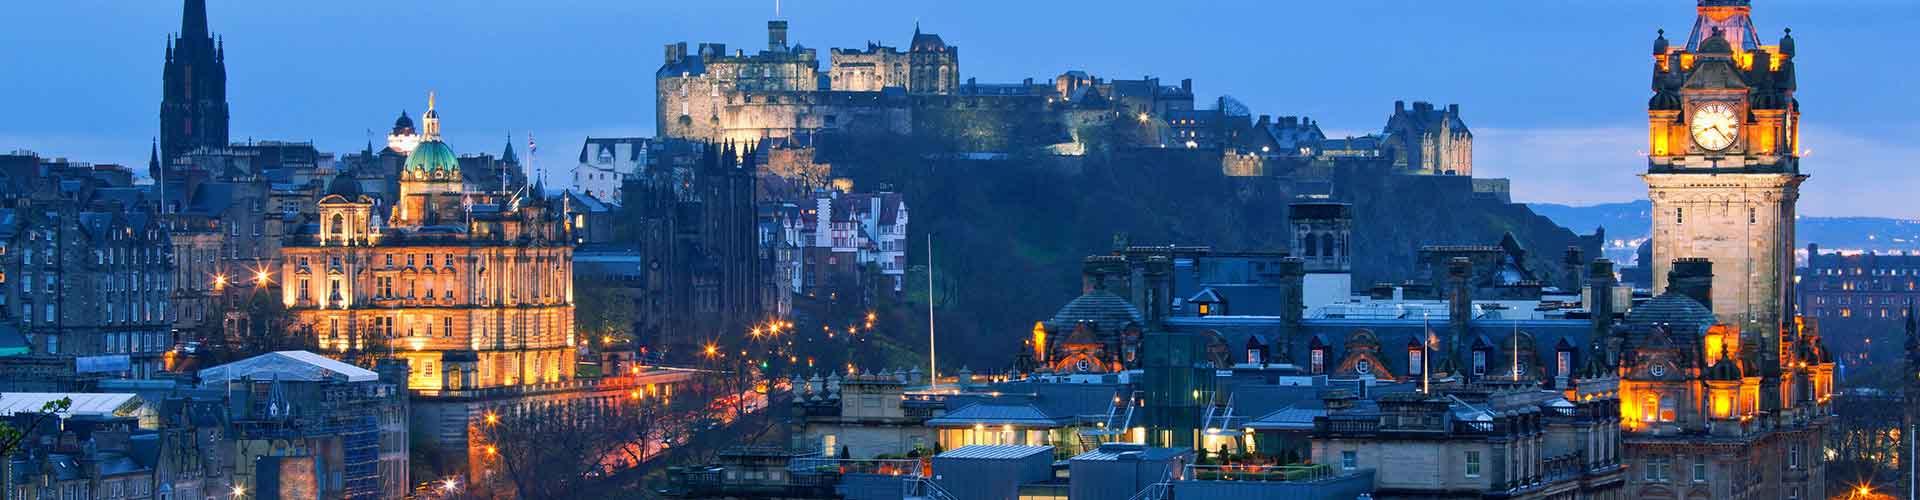 Edimbourg - Chambres pas chères dans le quartier de Murrayfield. Cartes pour Edimbourg, photos et commentaires pour chaque chambre à Edimbourg.